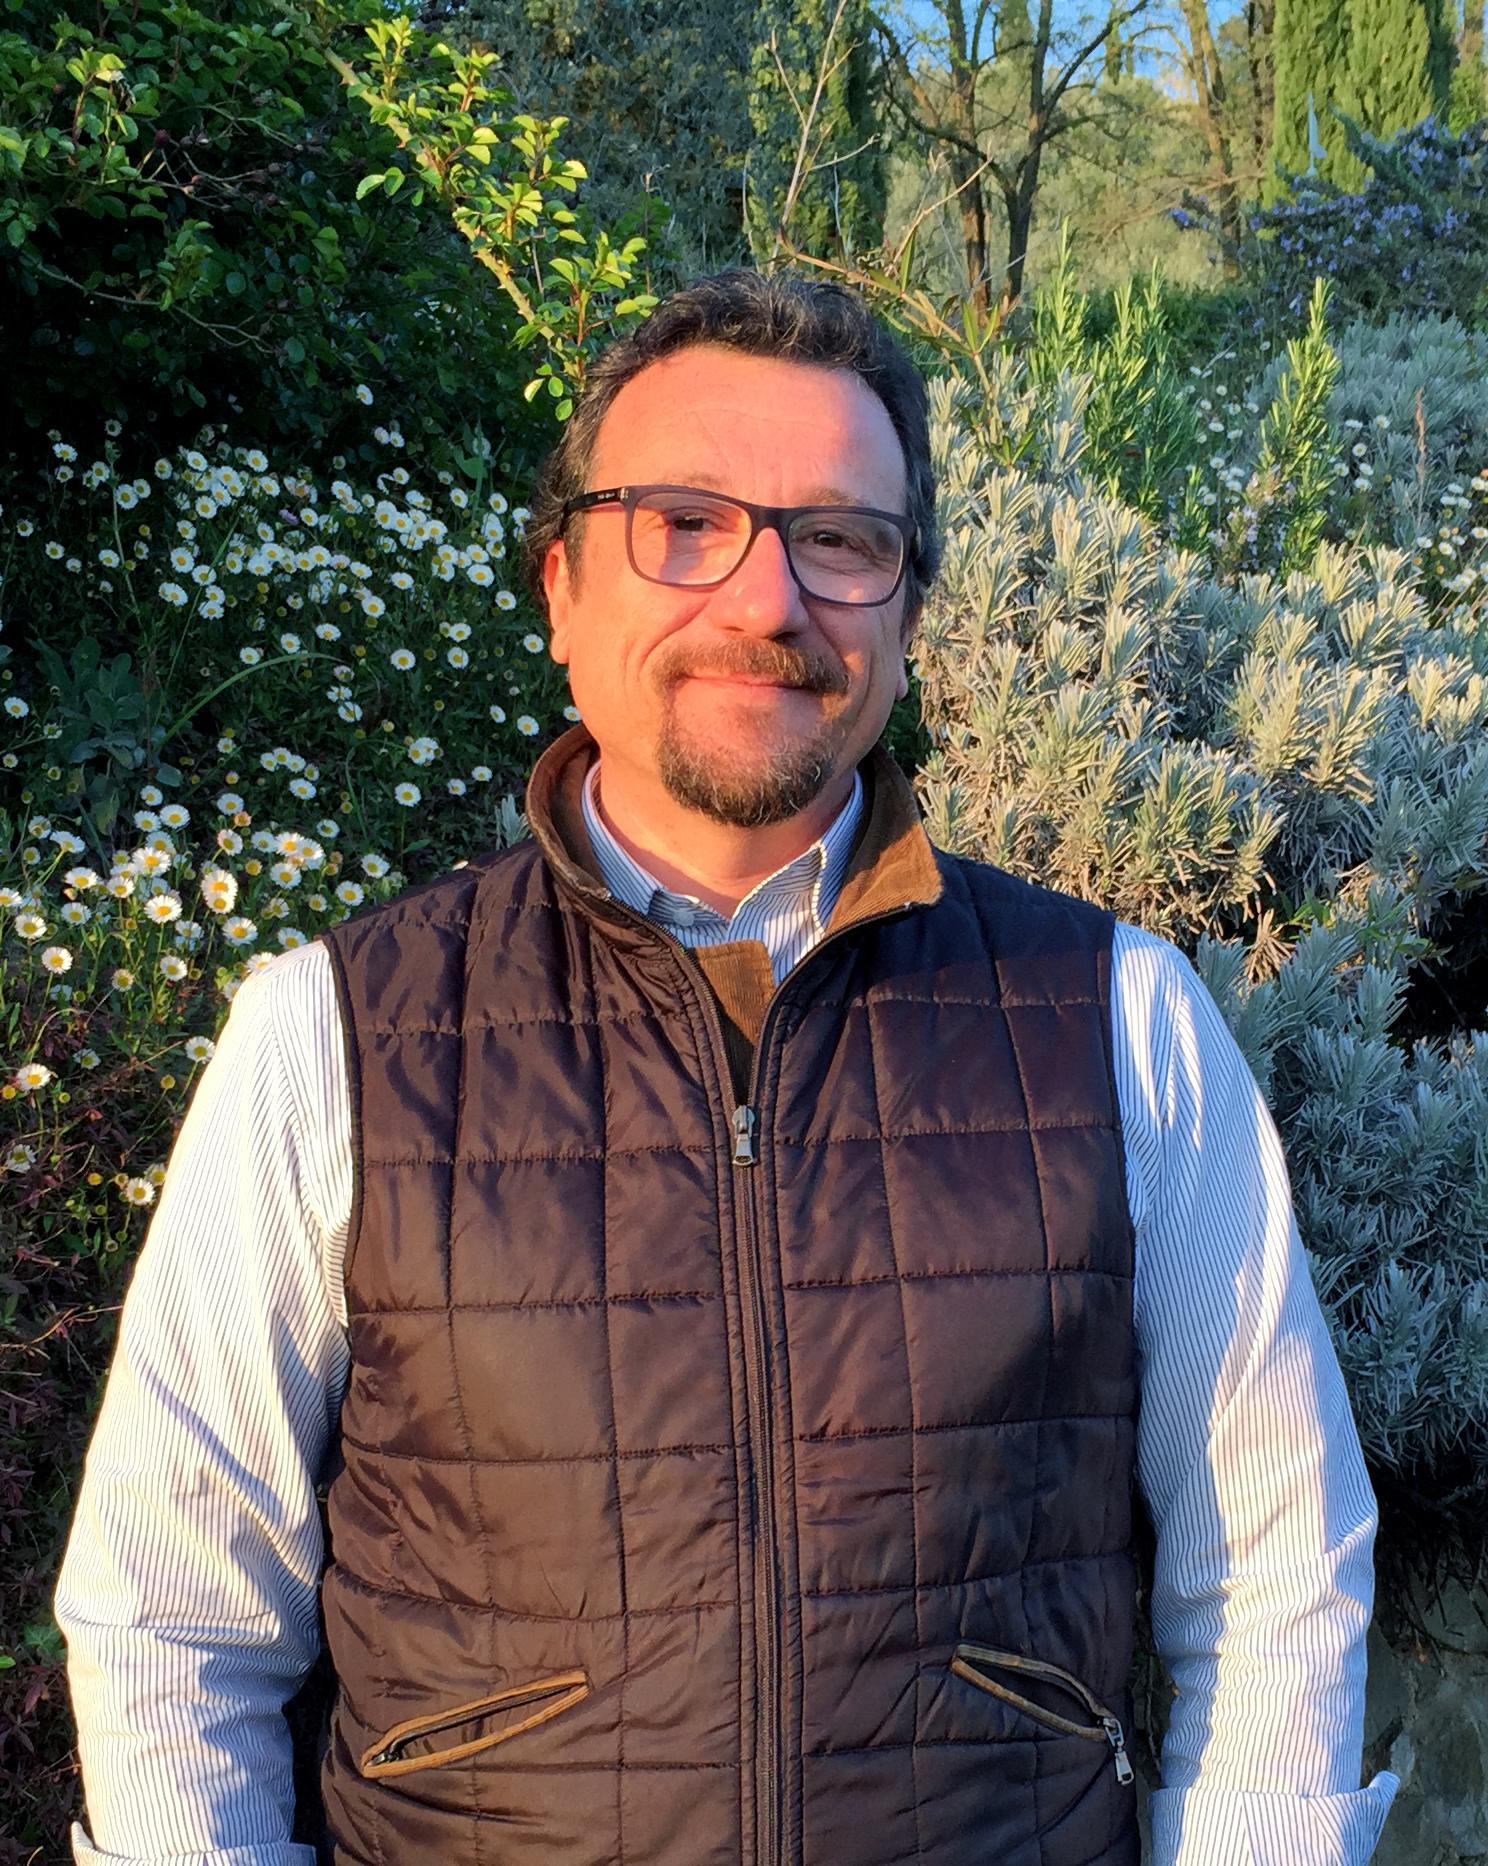 Il Distretto vivaistico pistoiese tra passato, presente e futuro: intervista al Presidente Francesco Mati